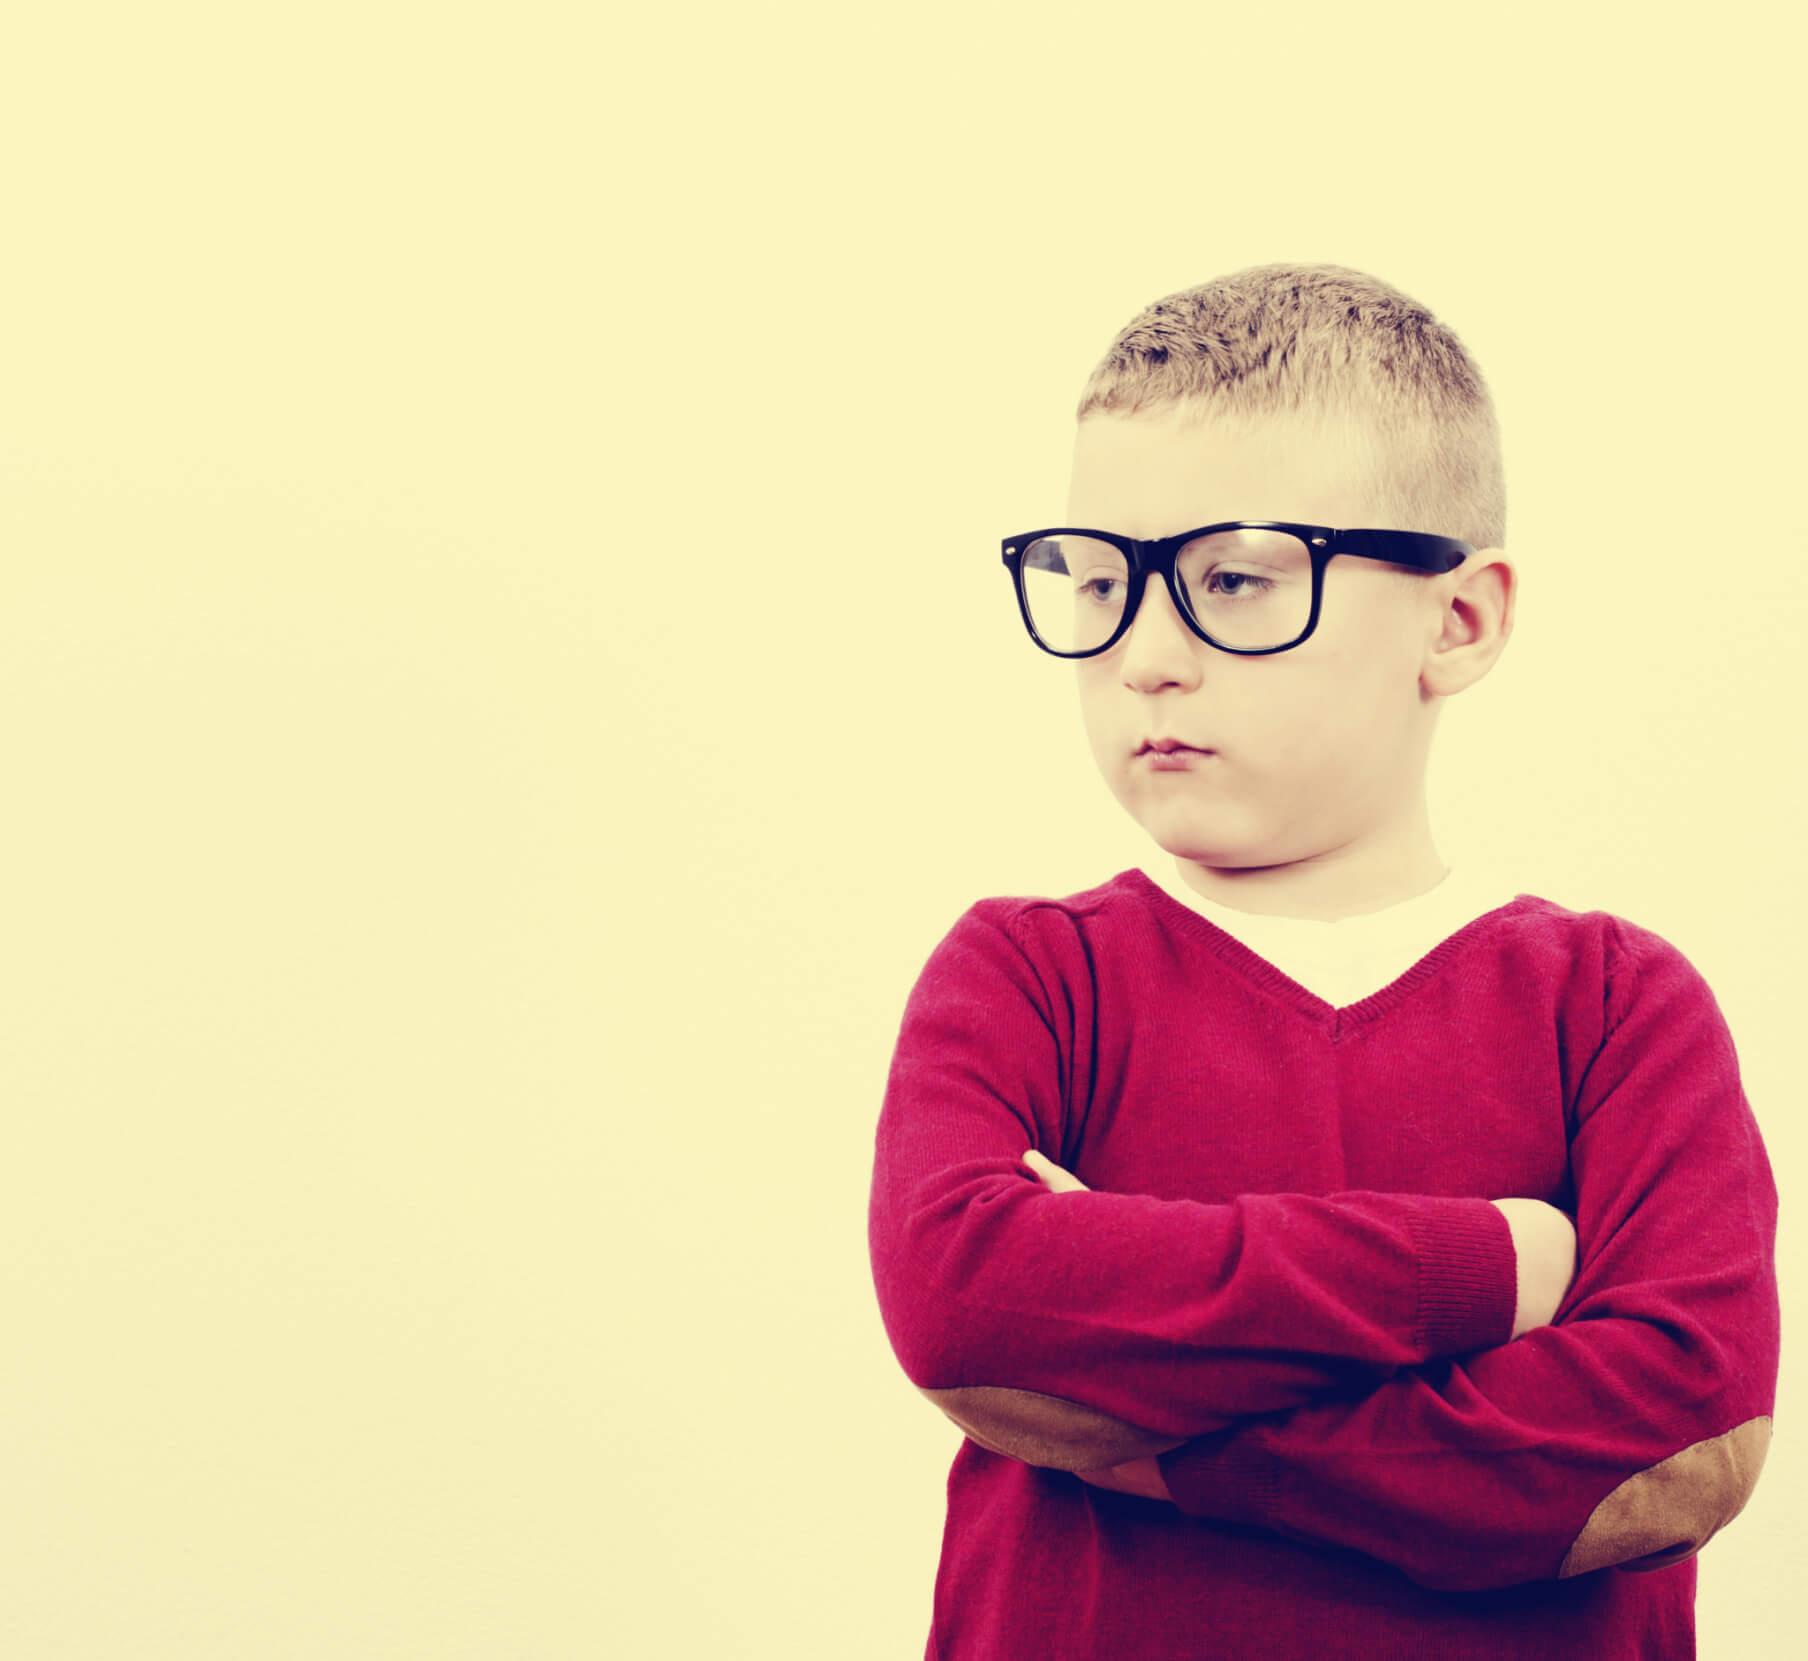 التربية الصعبة للأطفال.. كيف تنشئين طفلا قويلاً 👶🏻🧑🏼